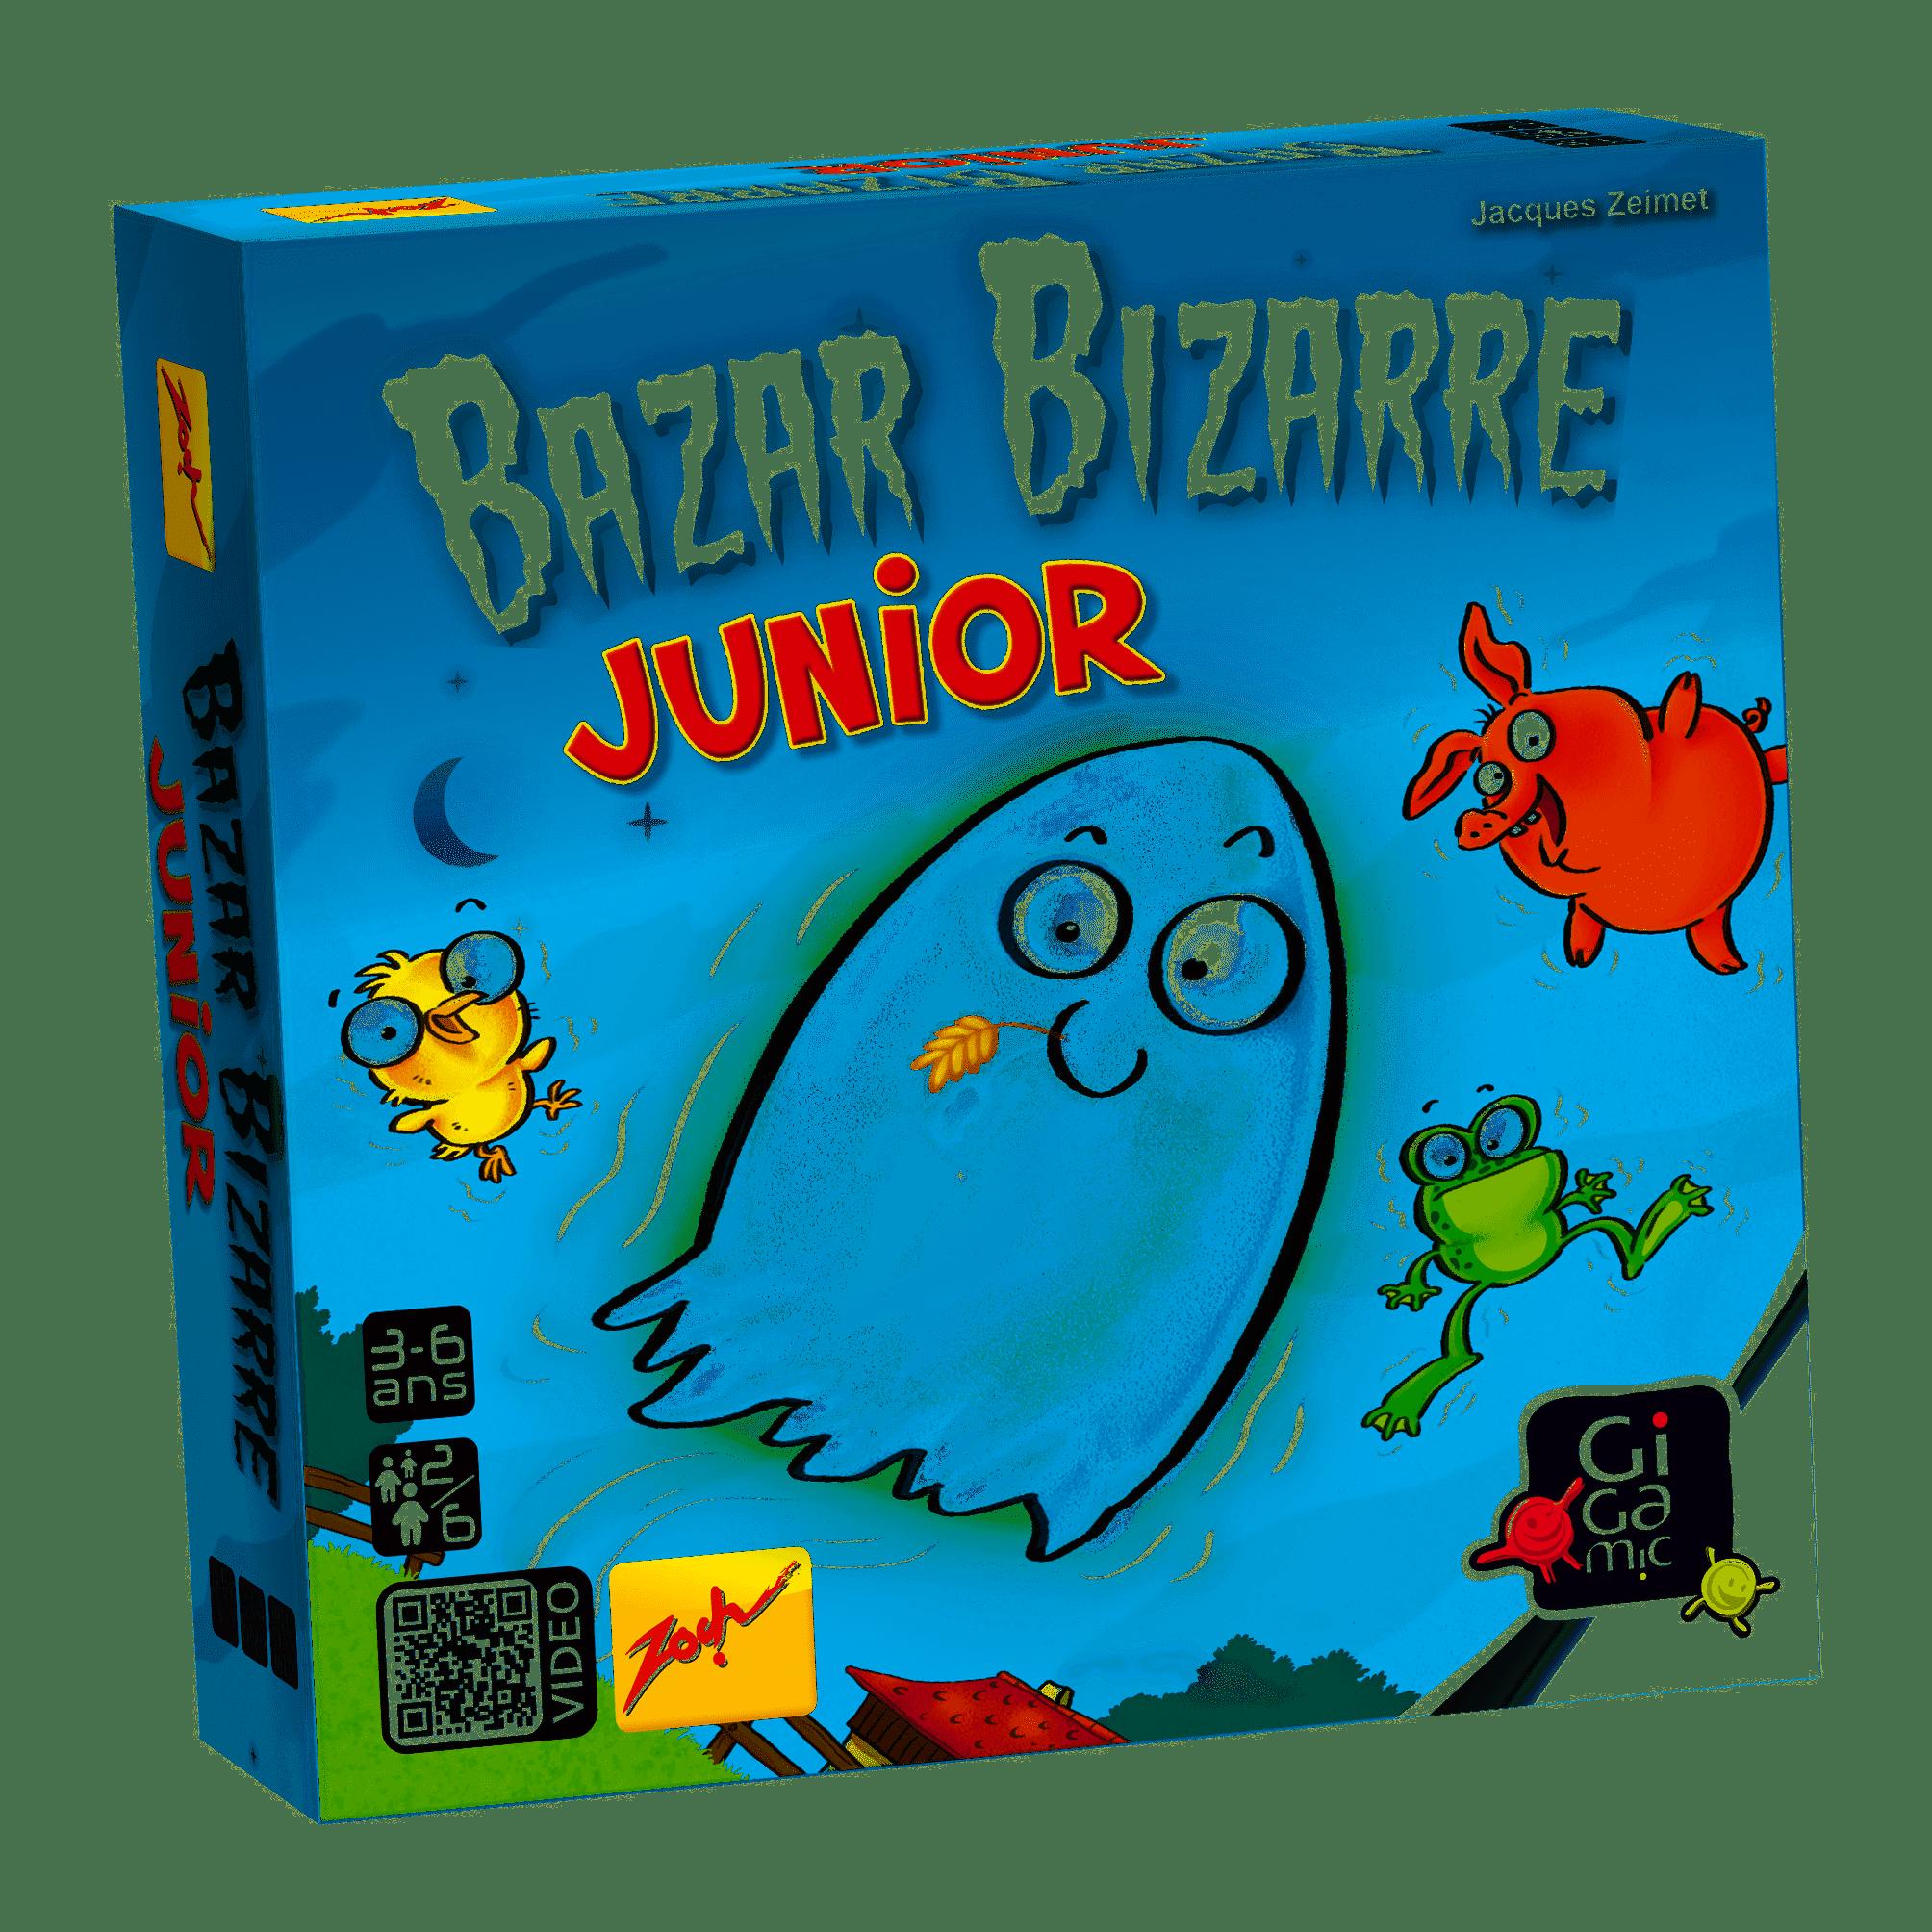 Bazar bizarre junior - Ref 03N02P